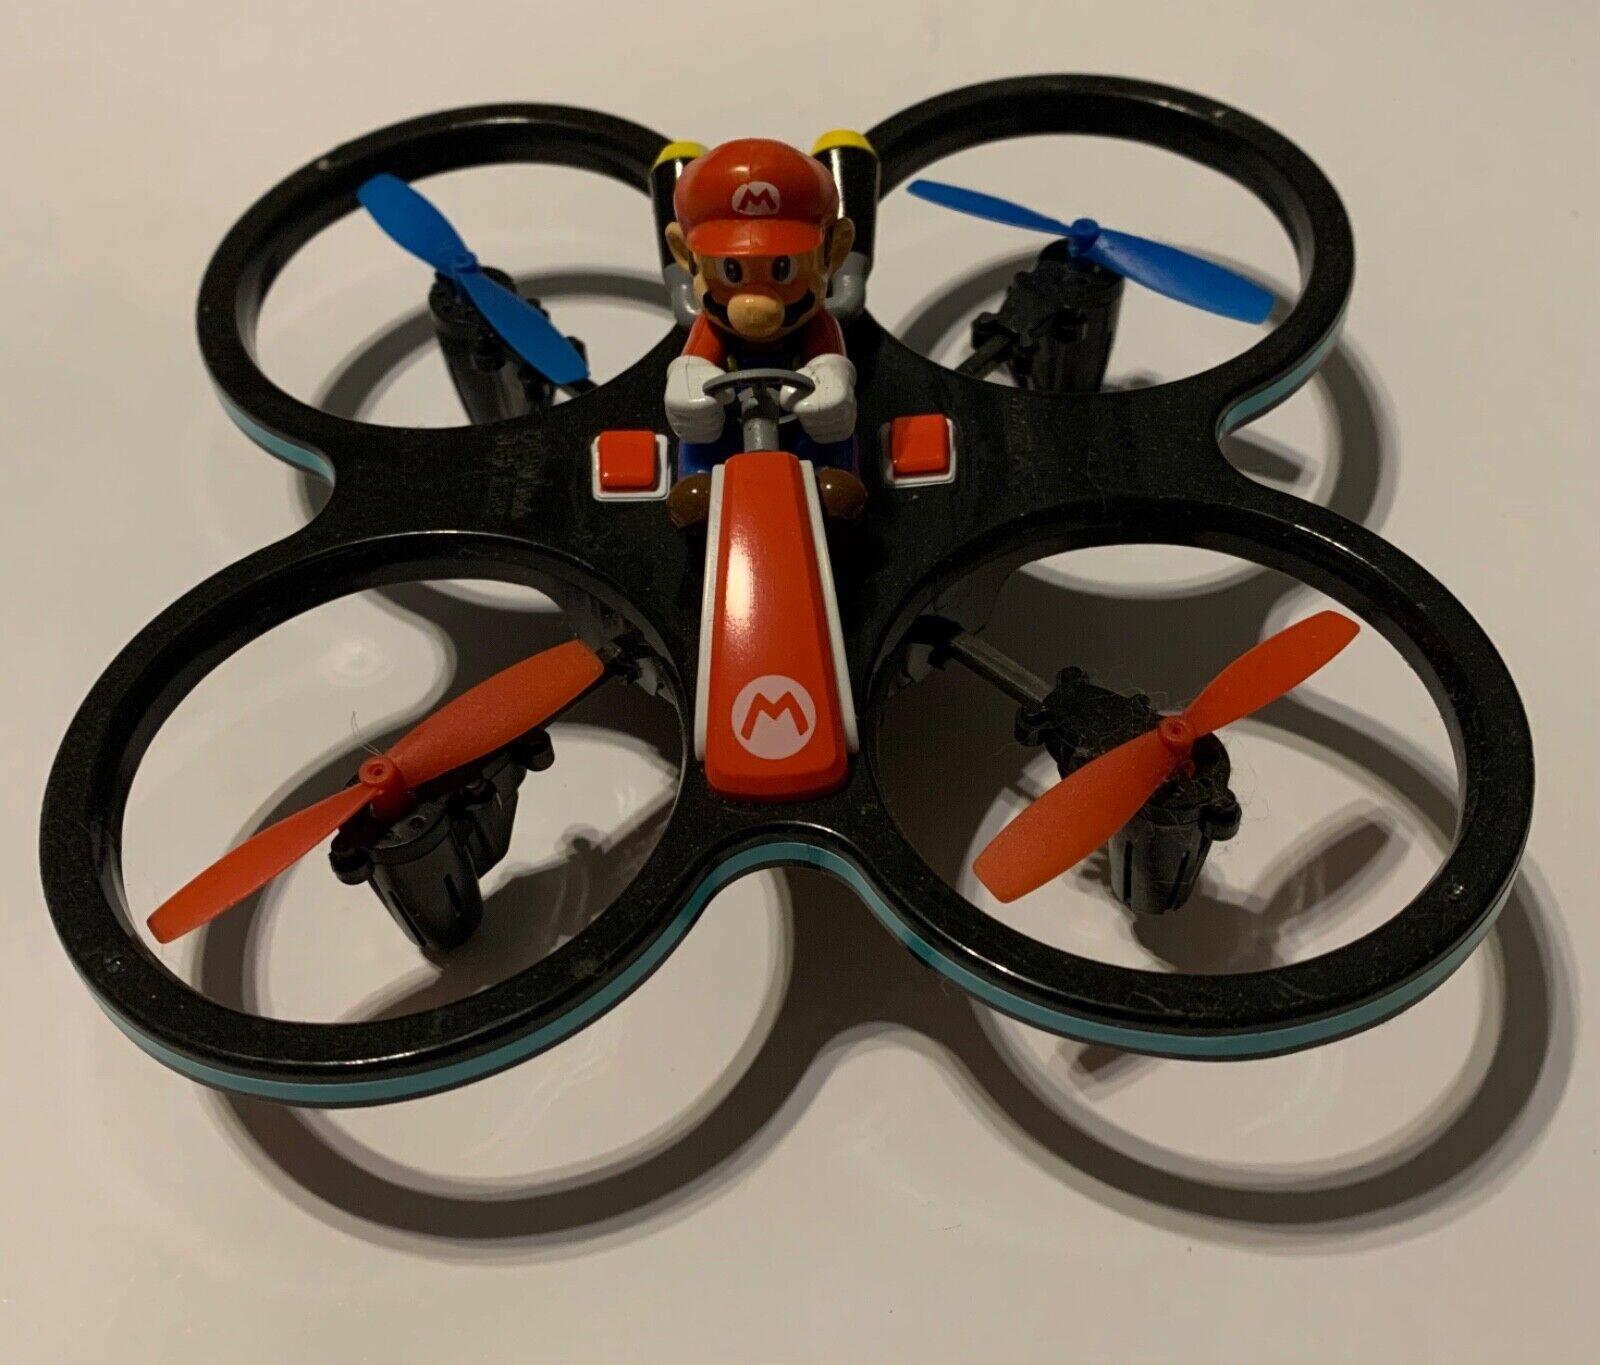 Carrera Rc Nintendo Mini Mario Copter Drohne Quadrocopter RTF 2.4Ghz 370503024